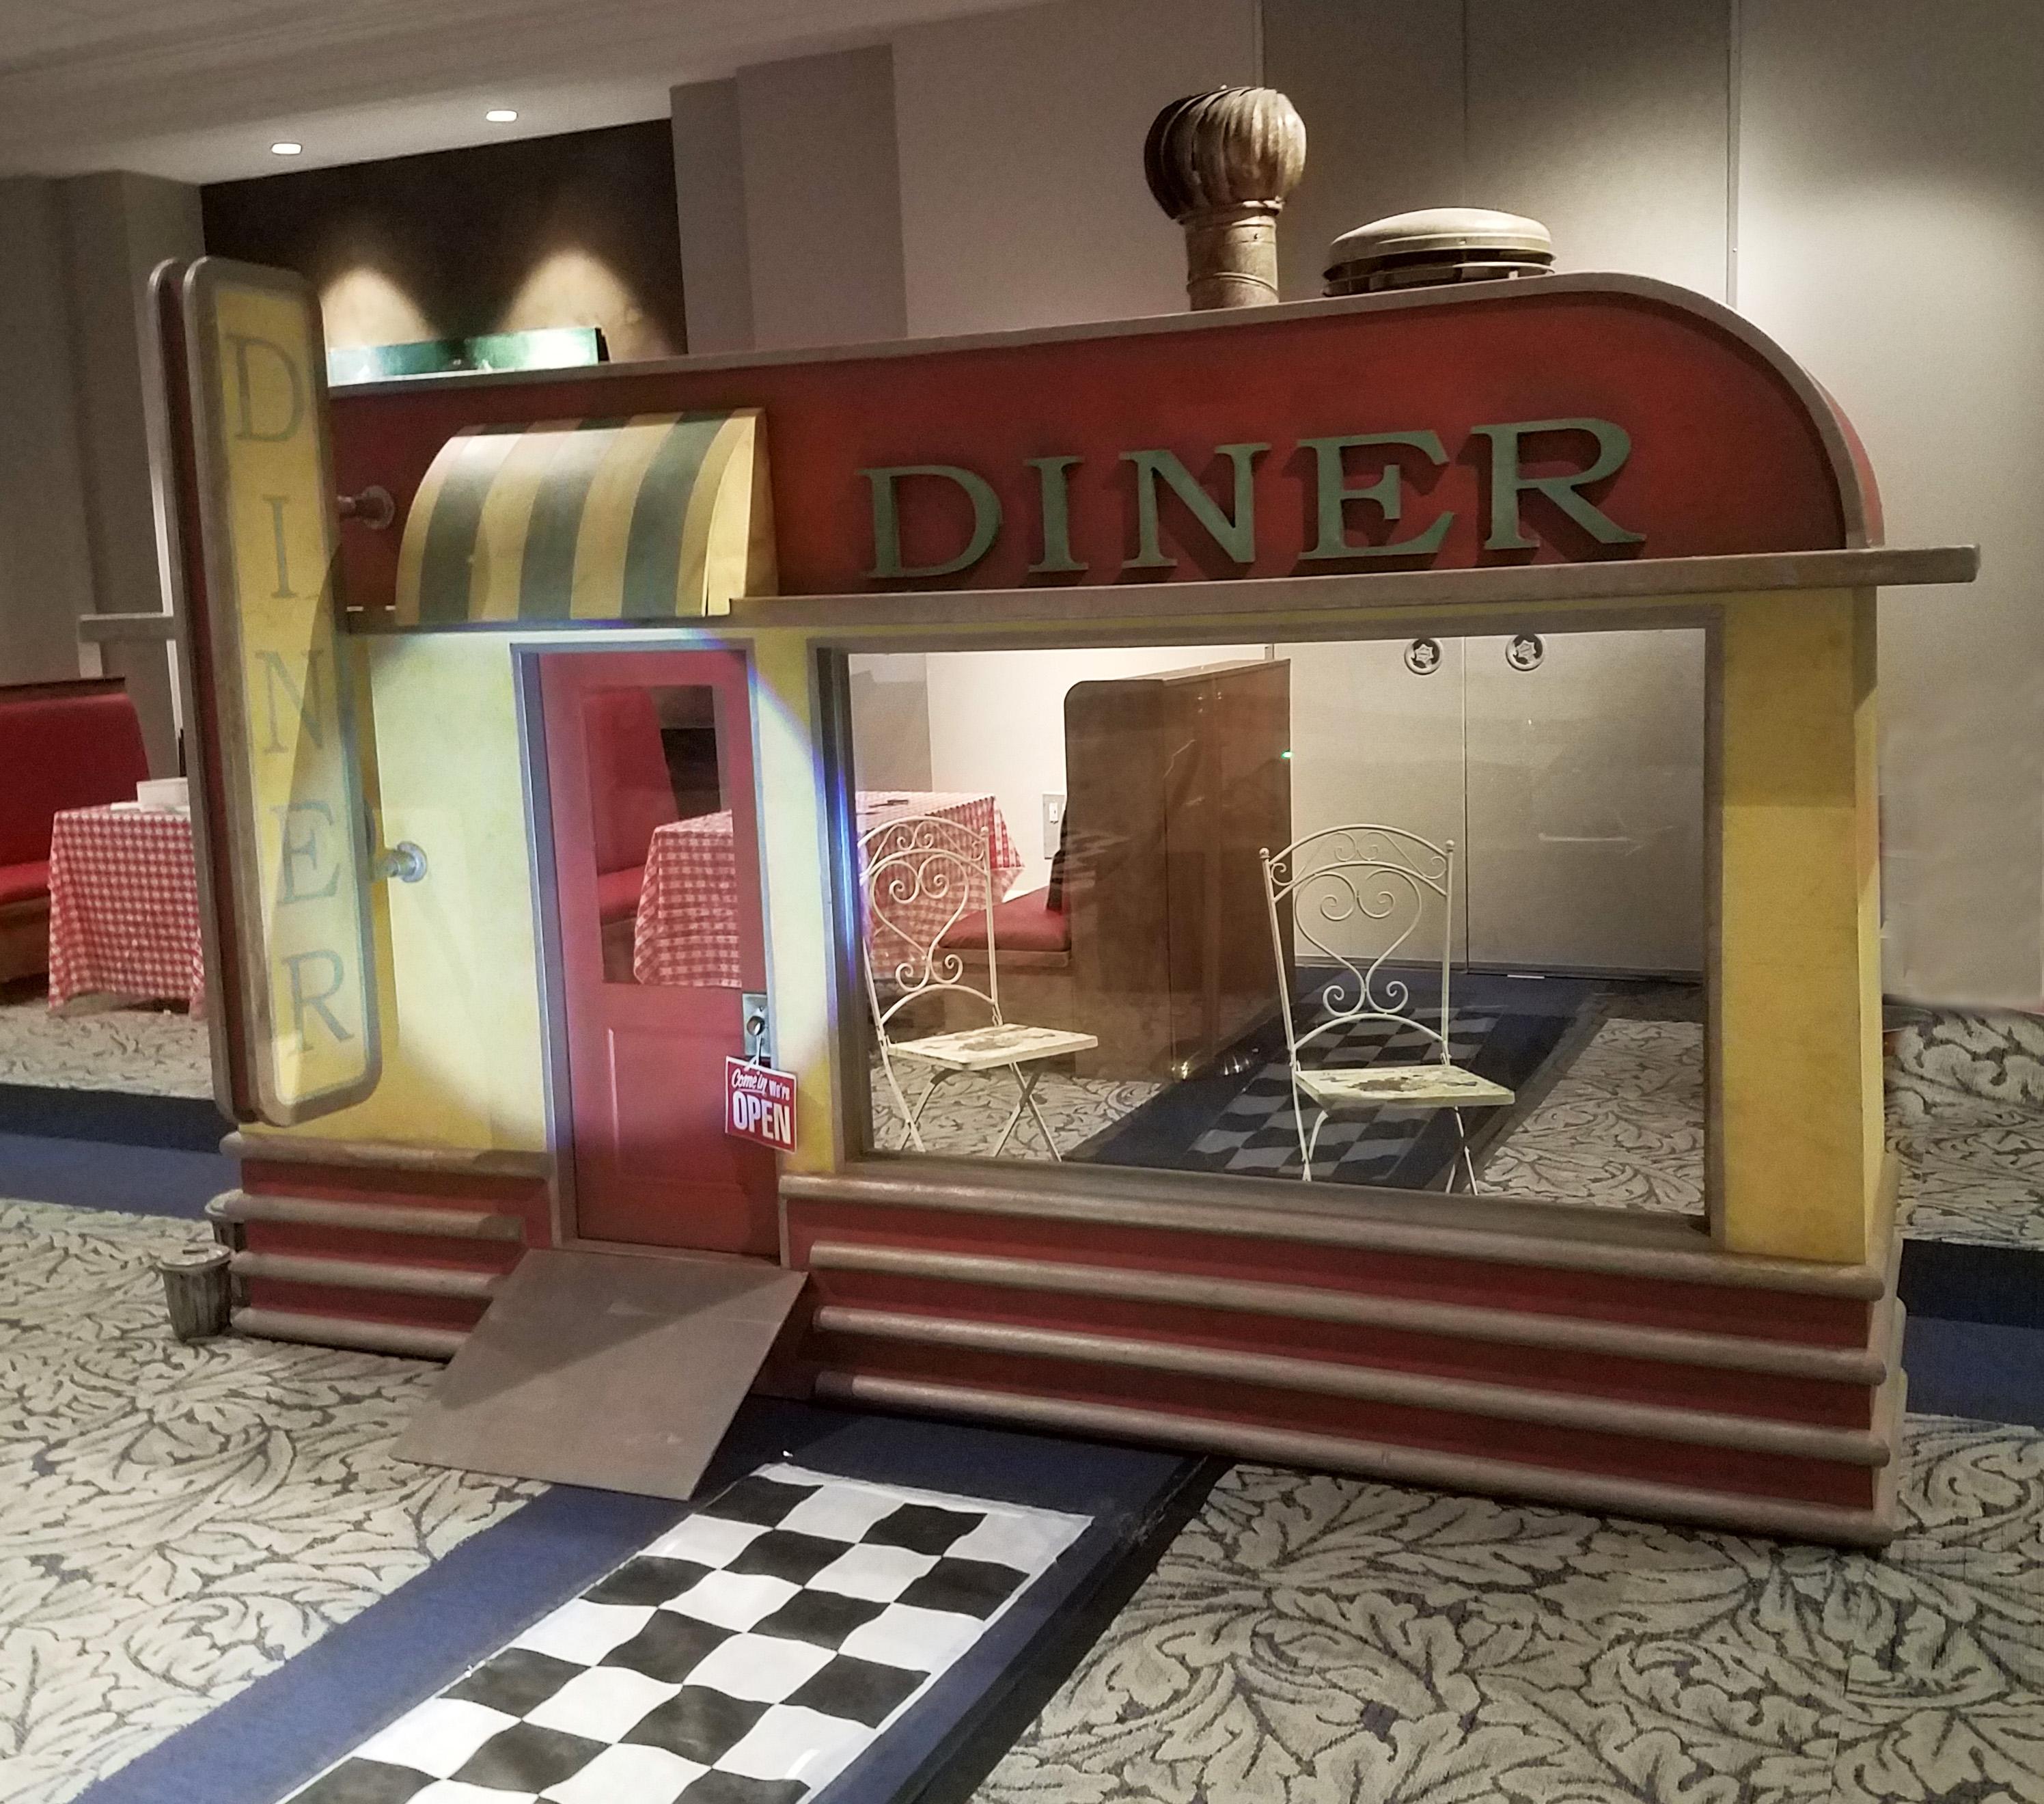 Diner Storefront